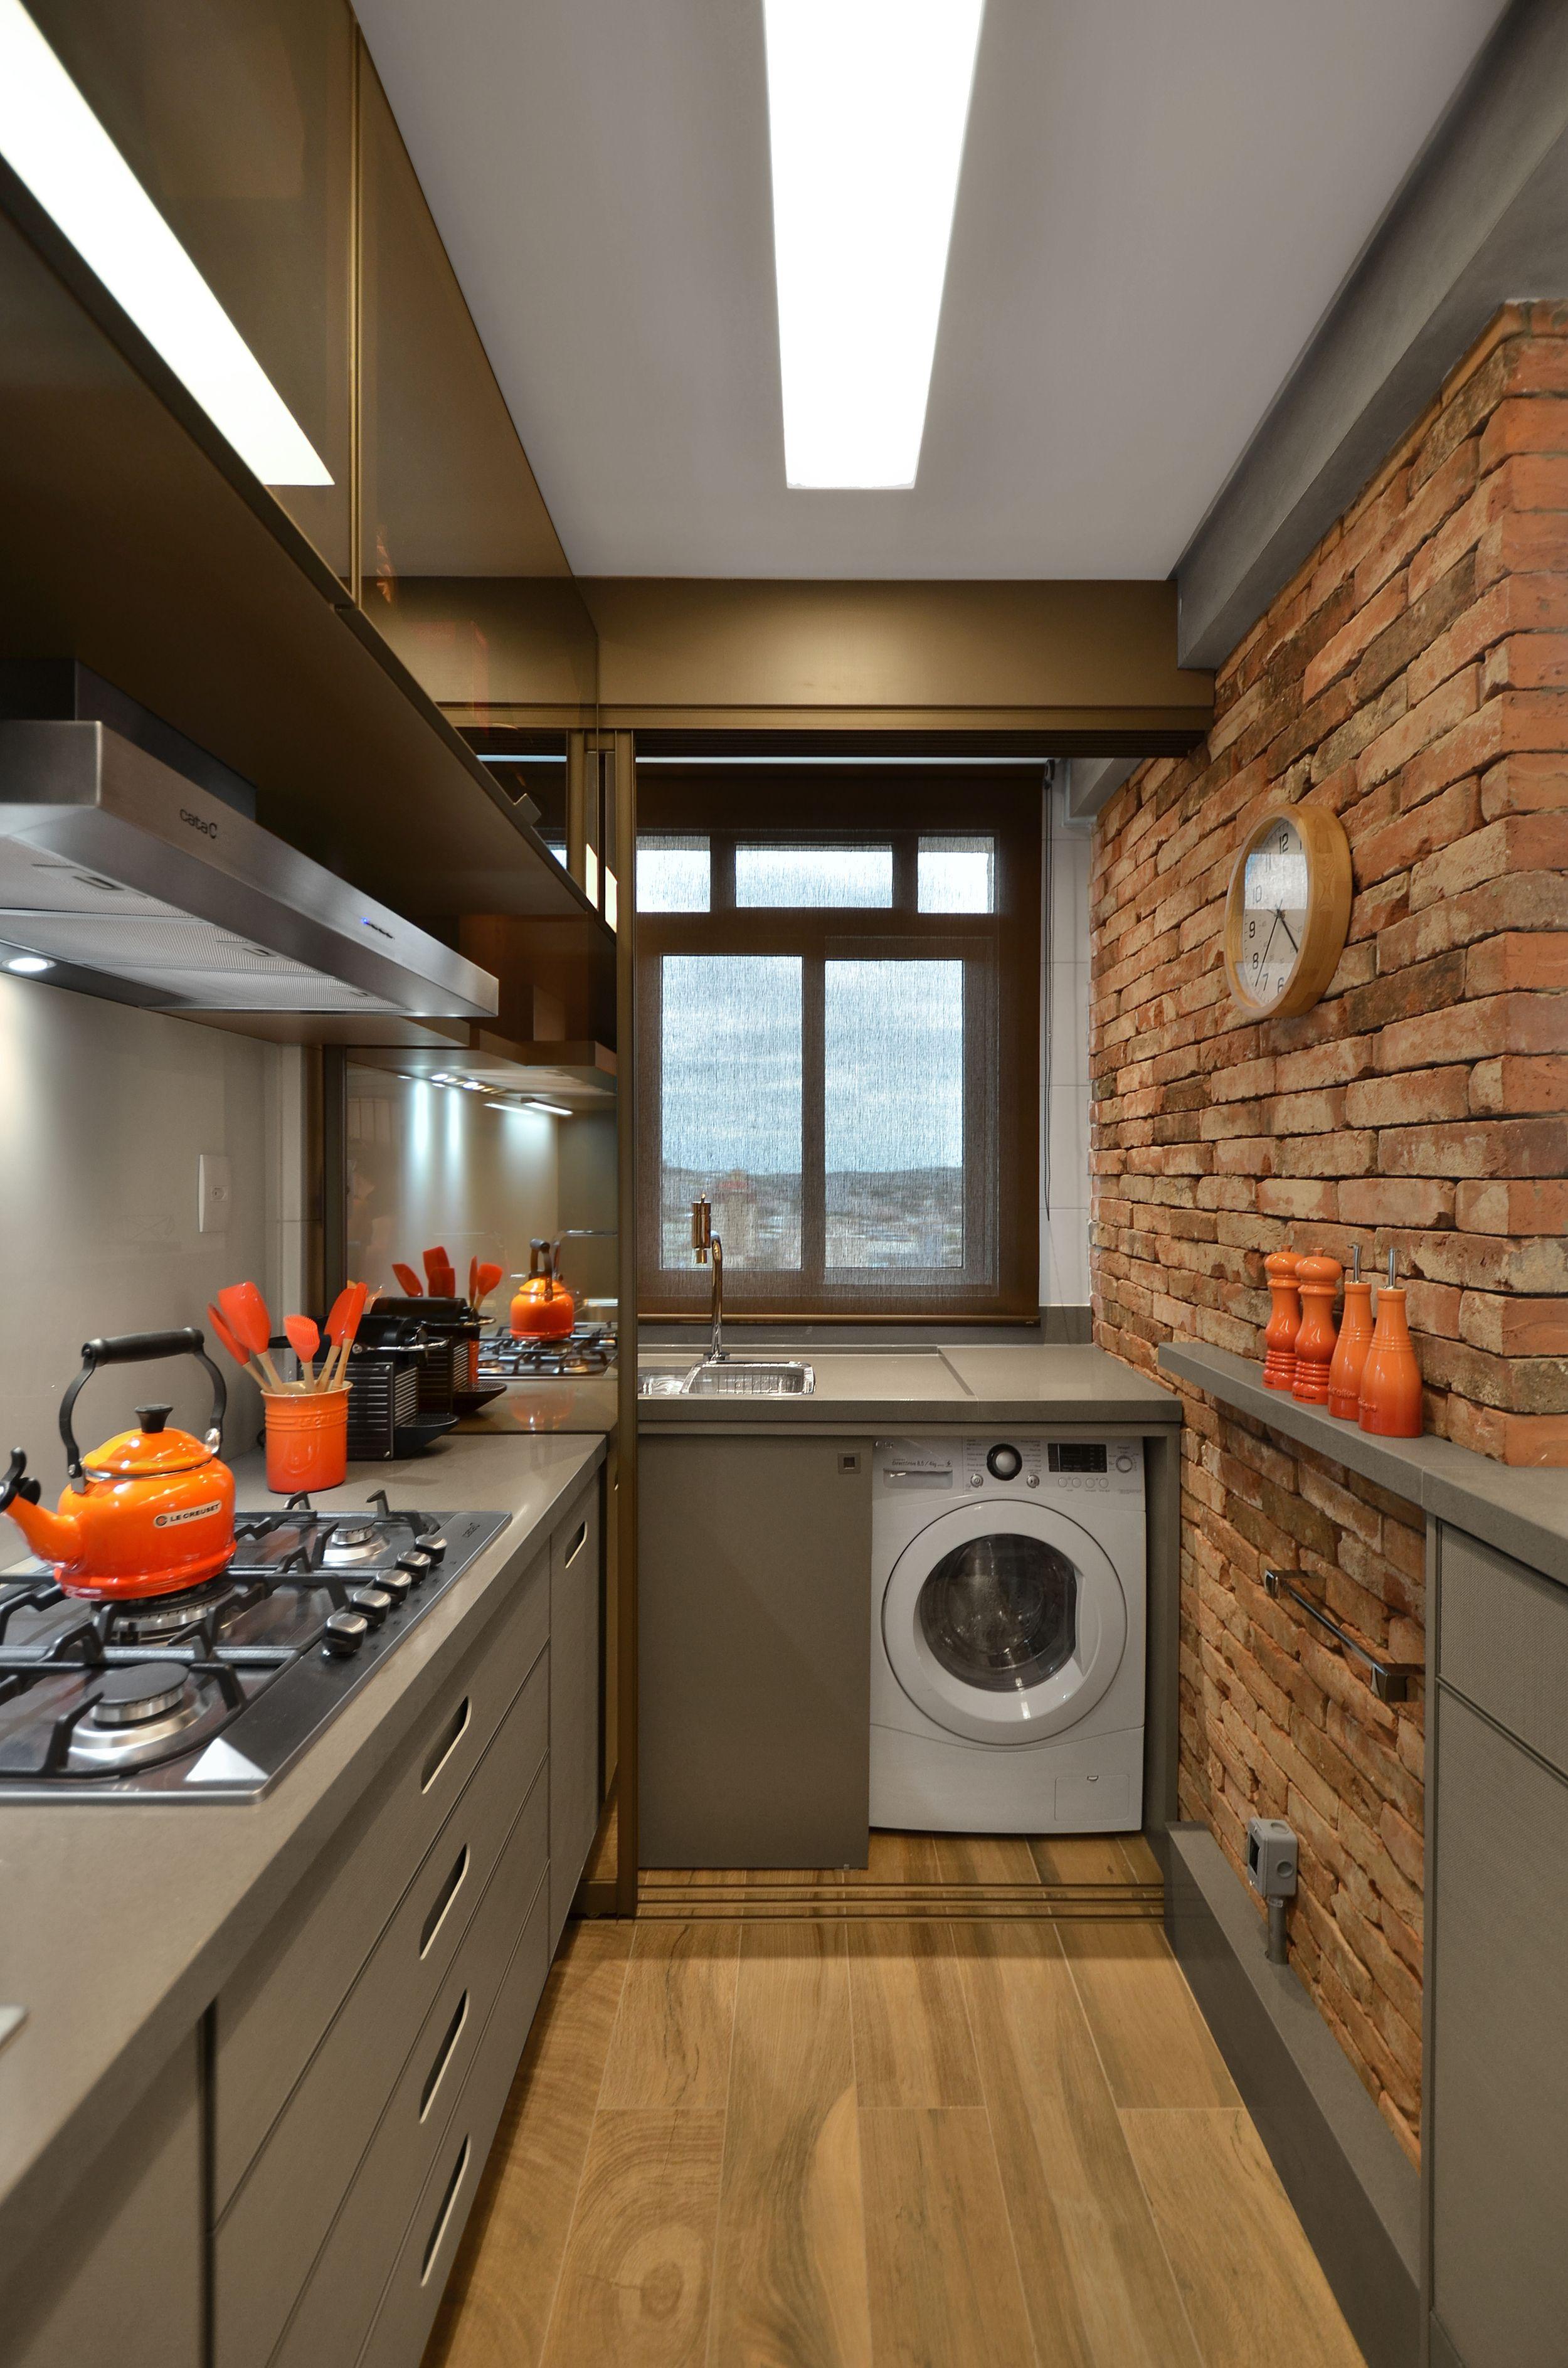 Cor dos móveis   Small Kitchens   Pinterest   Ferienhäuschen und Küche